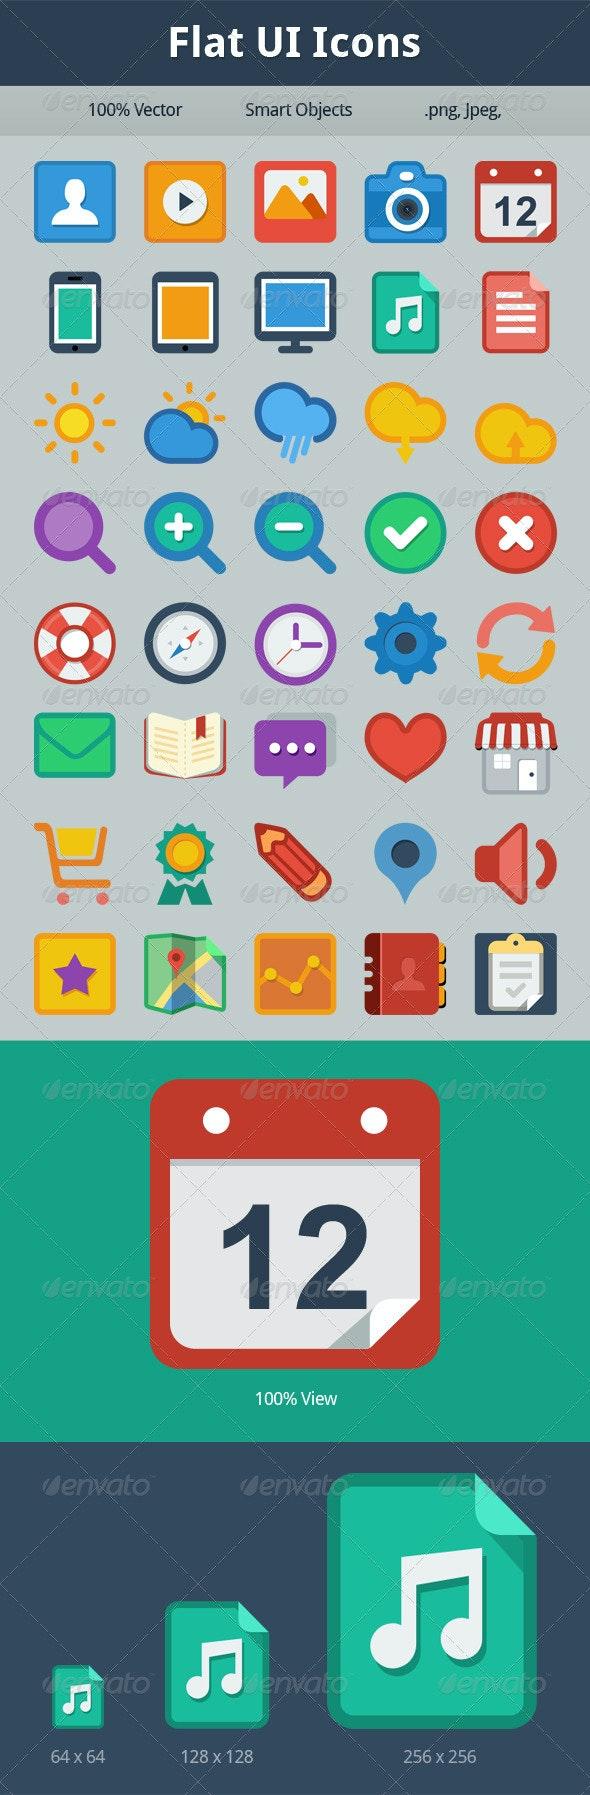 40 Flat UI Icons - Web Icons